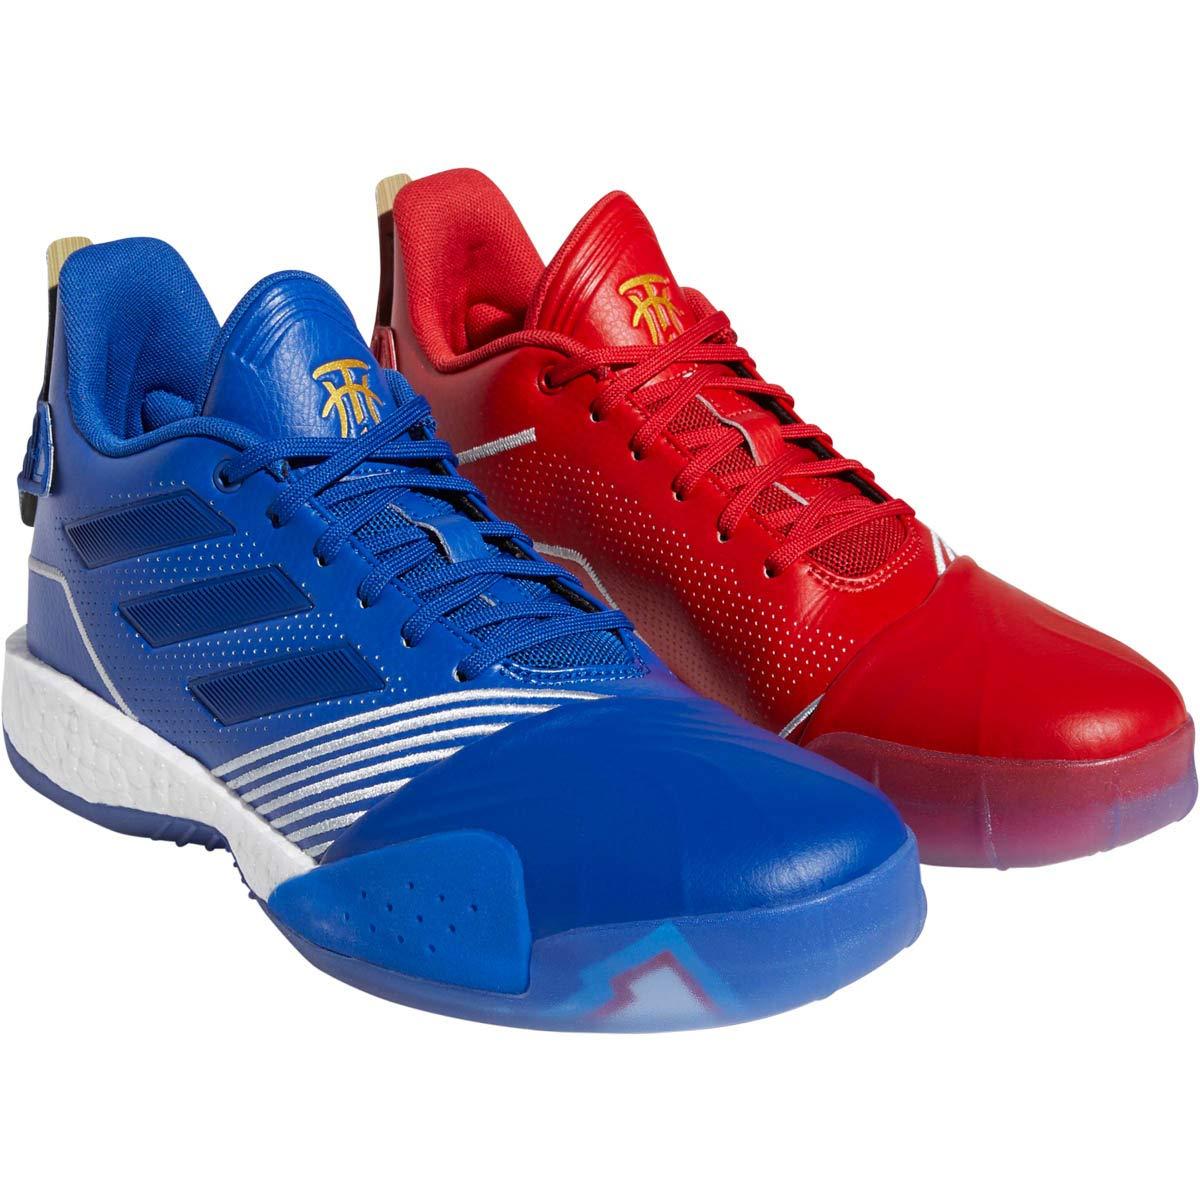 Adidas Adidas Adidas TMAC Millennium 2004 All Star Game 44 2 3-UK 10 16f577